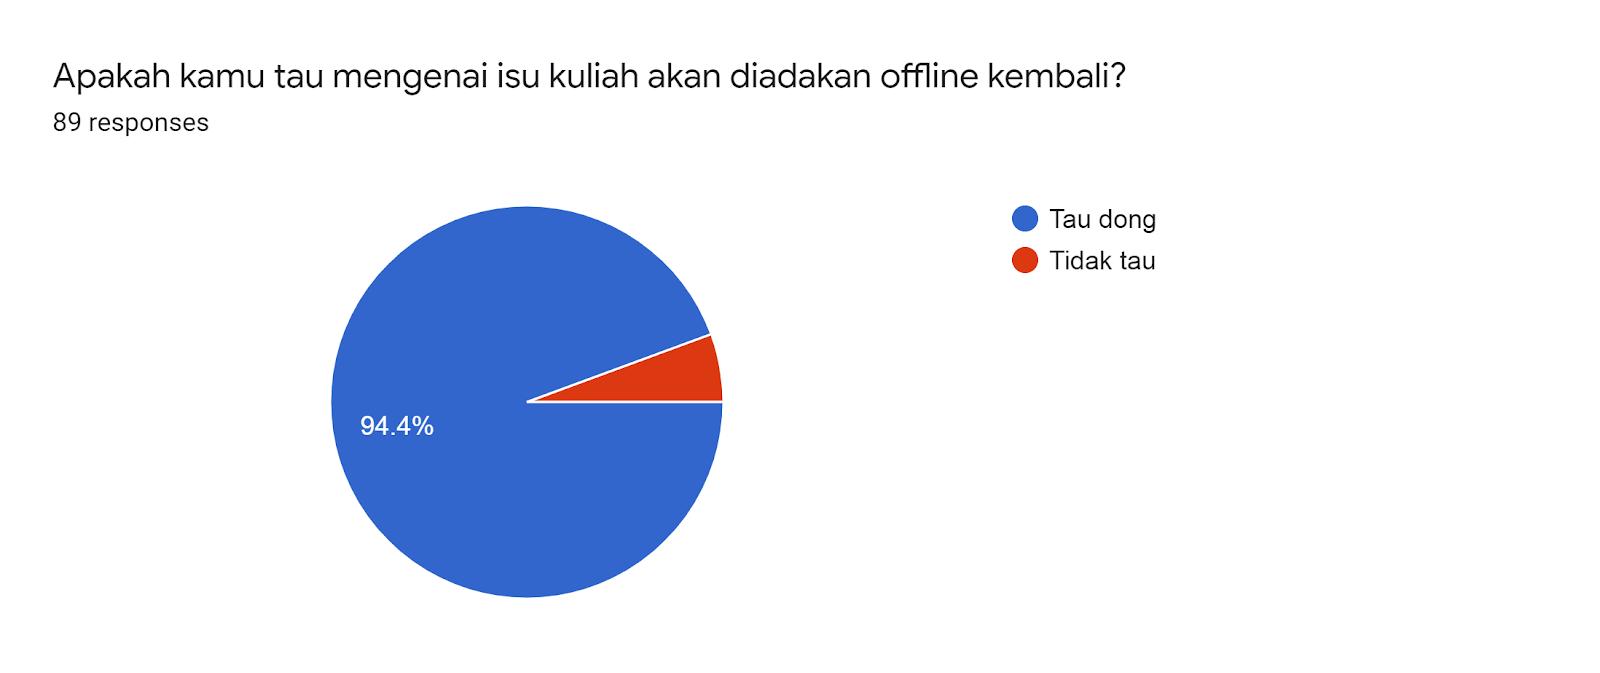 Forms response chart. Question title: Apakah kamu tau mengenai isu kuliah akan diadakan offline kembali?. Number of responses: 89 responses.